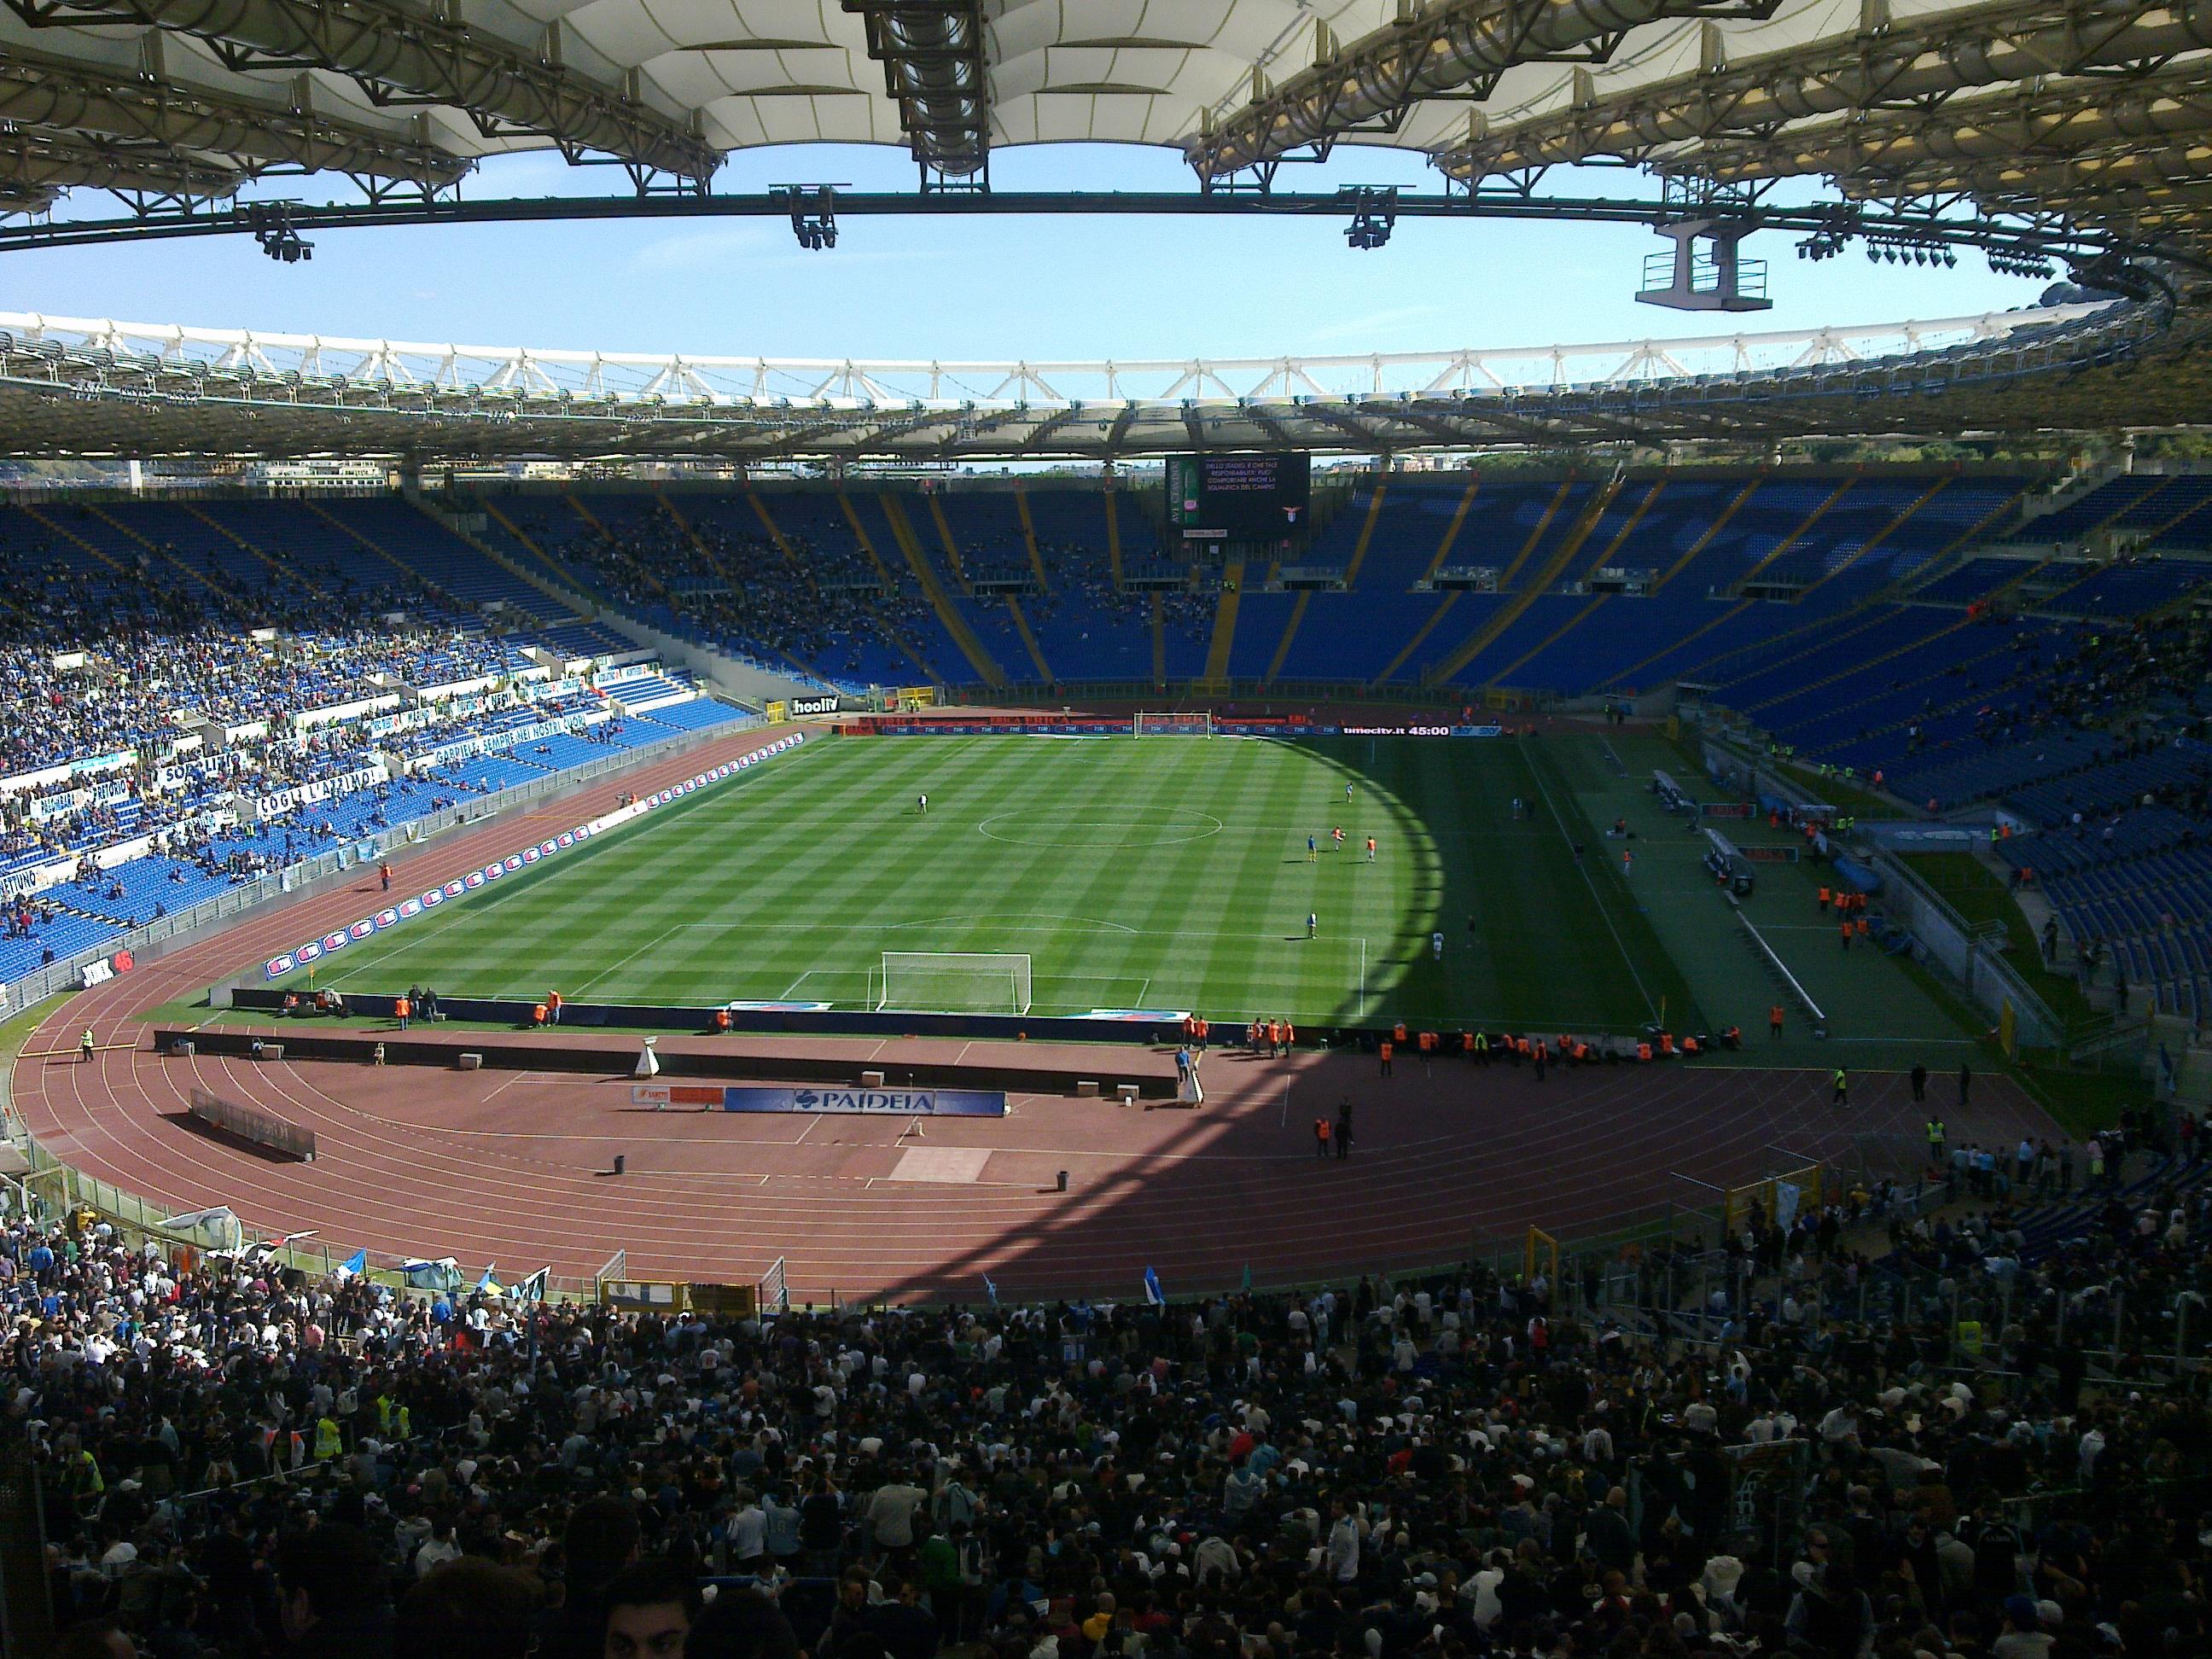 Roma-Napoli, il prefetto ha deciso: si giocherà il 18 ottobre alle 20.45